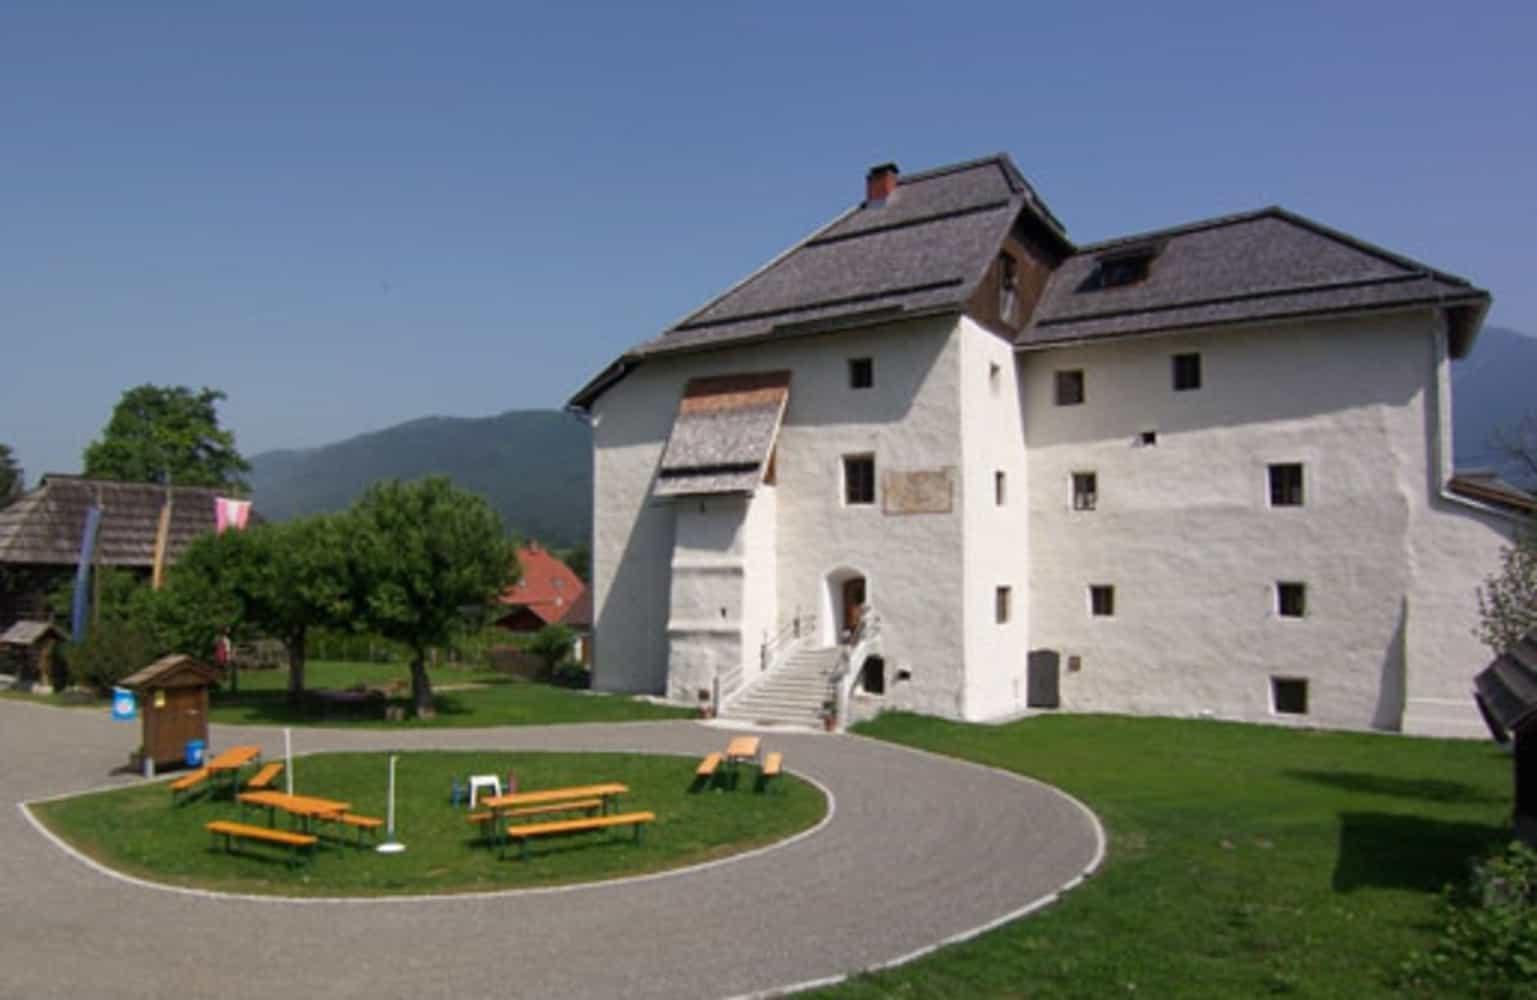 Gailtaler Heimatmuseum in Hermagor - Nassfeld in Kärnten